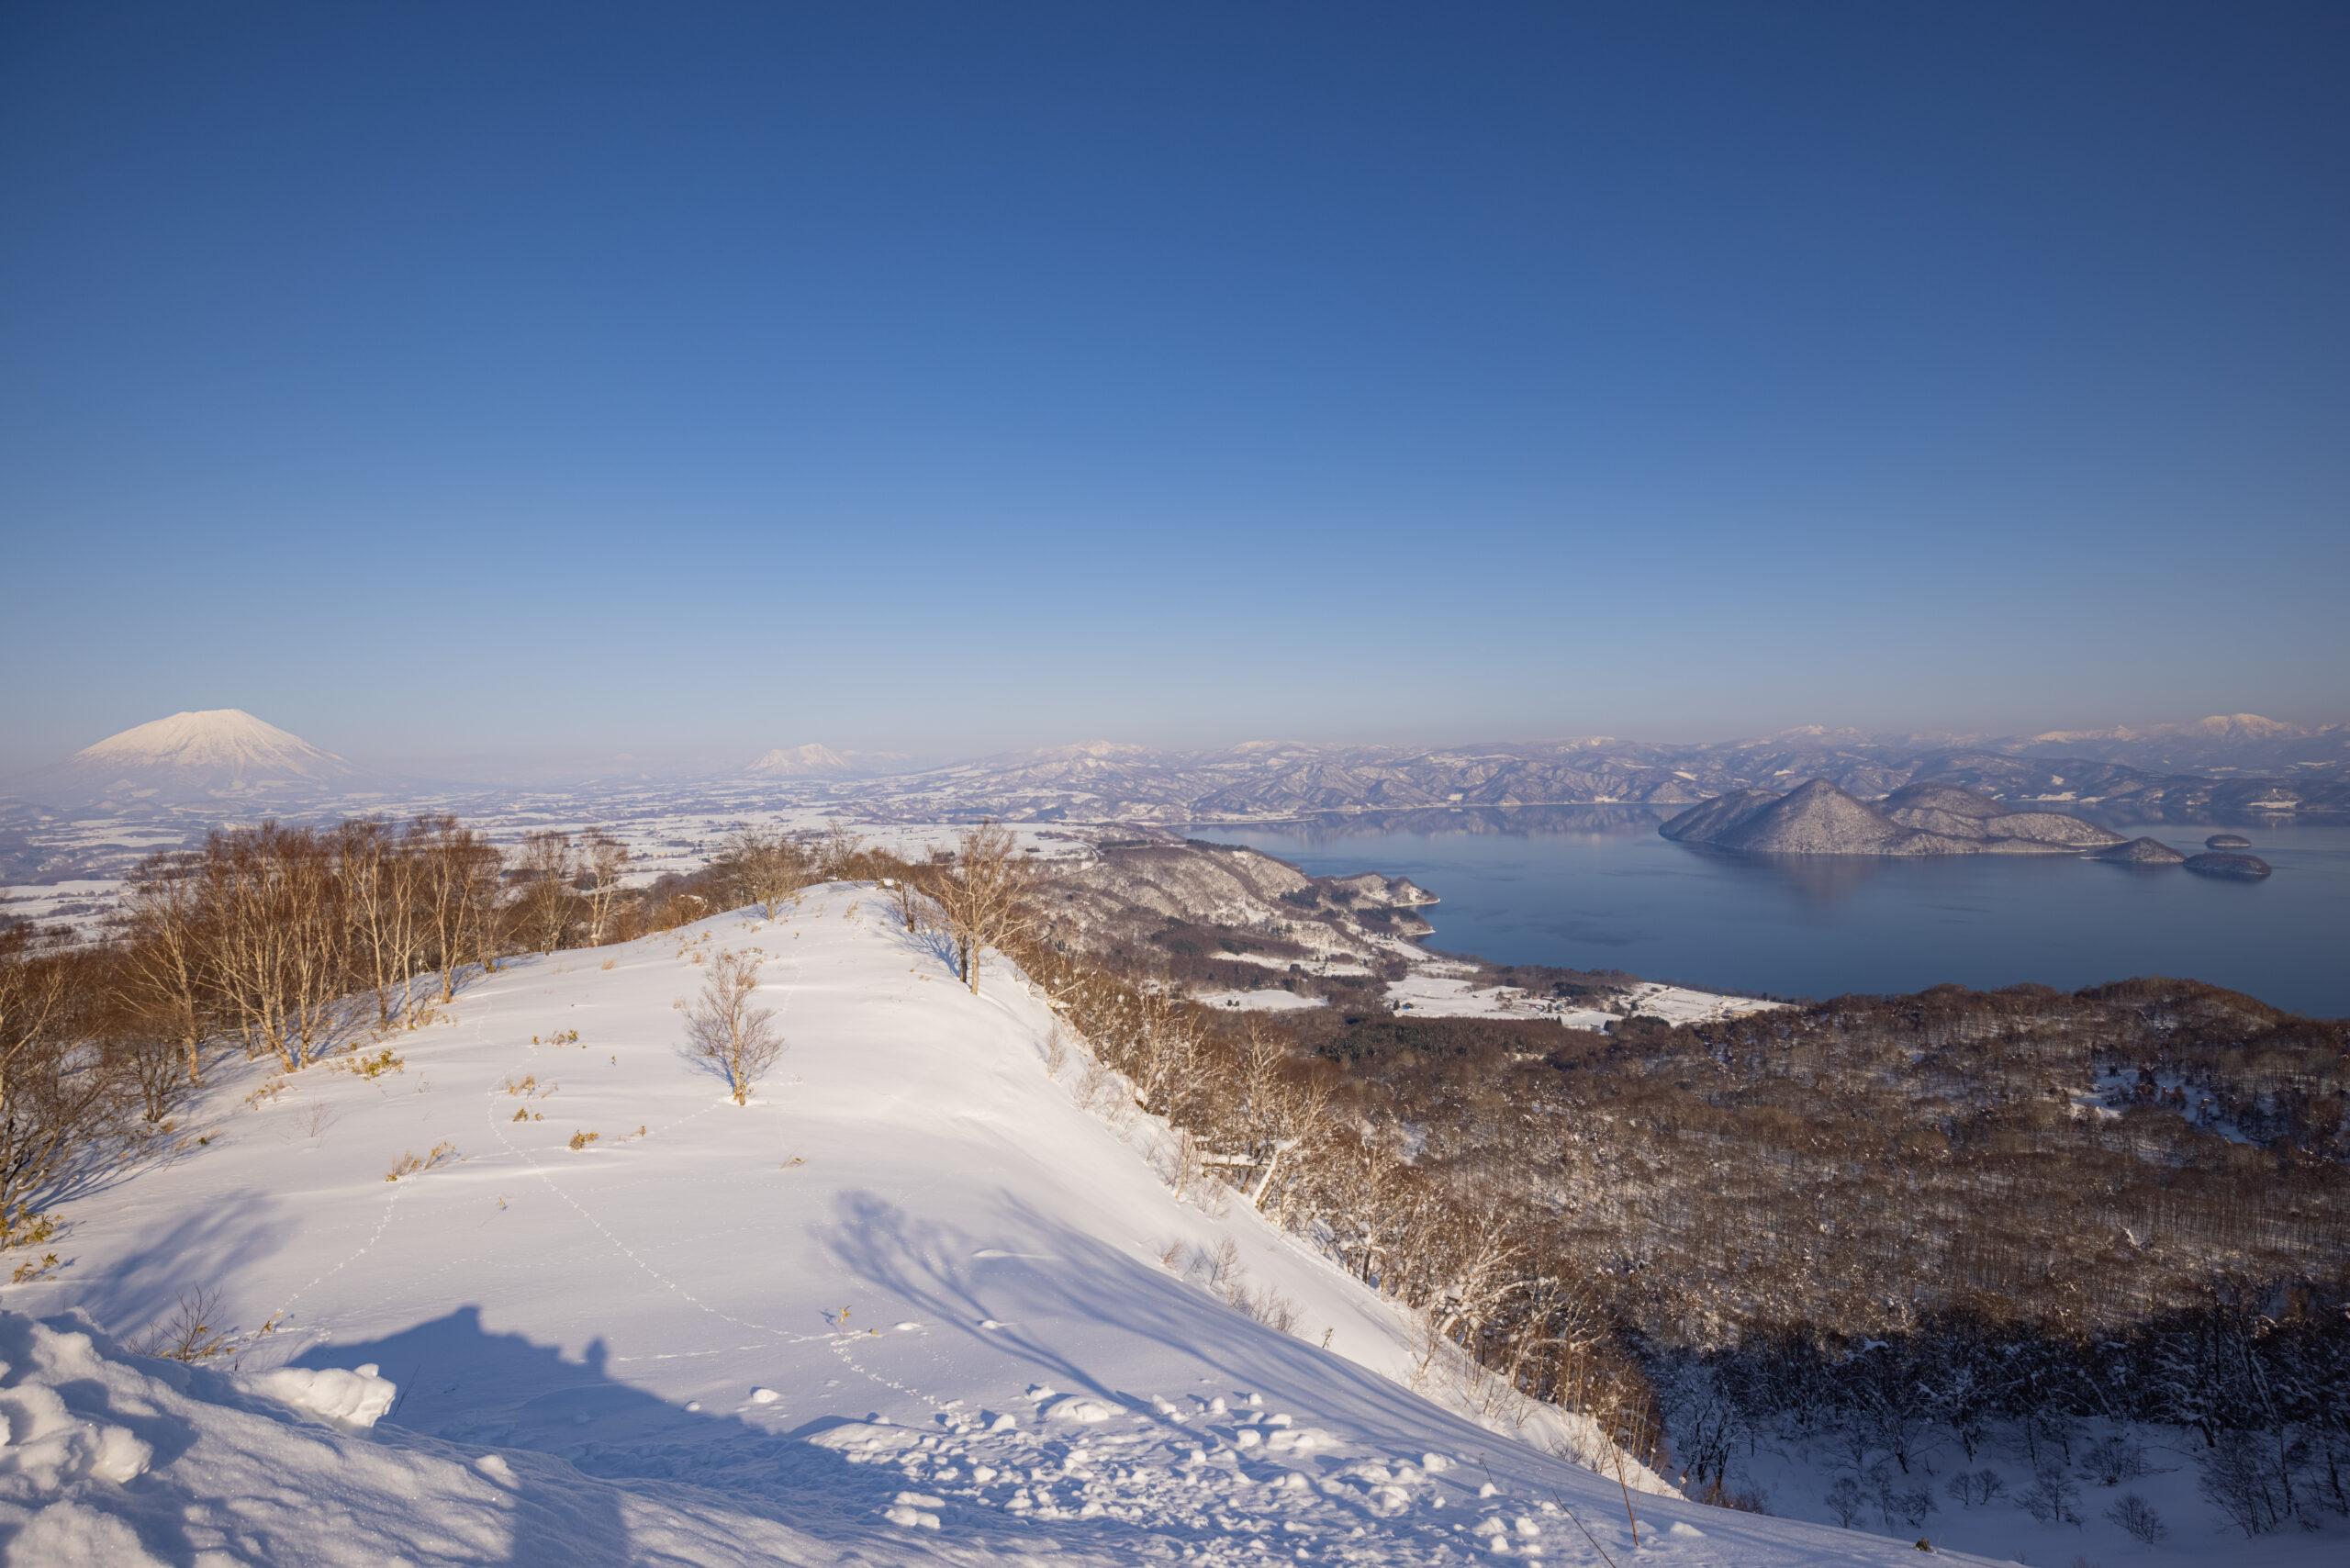 洞爺湖と羊蹄